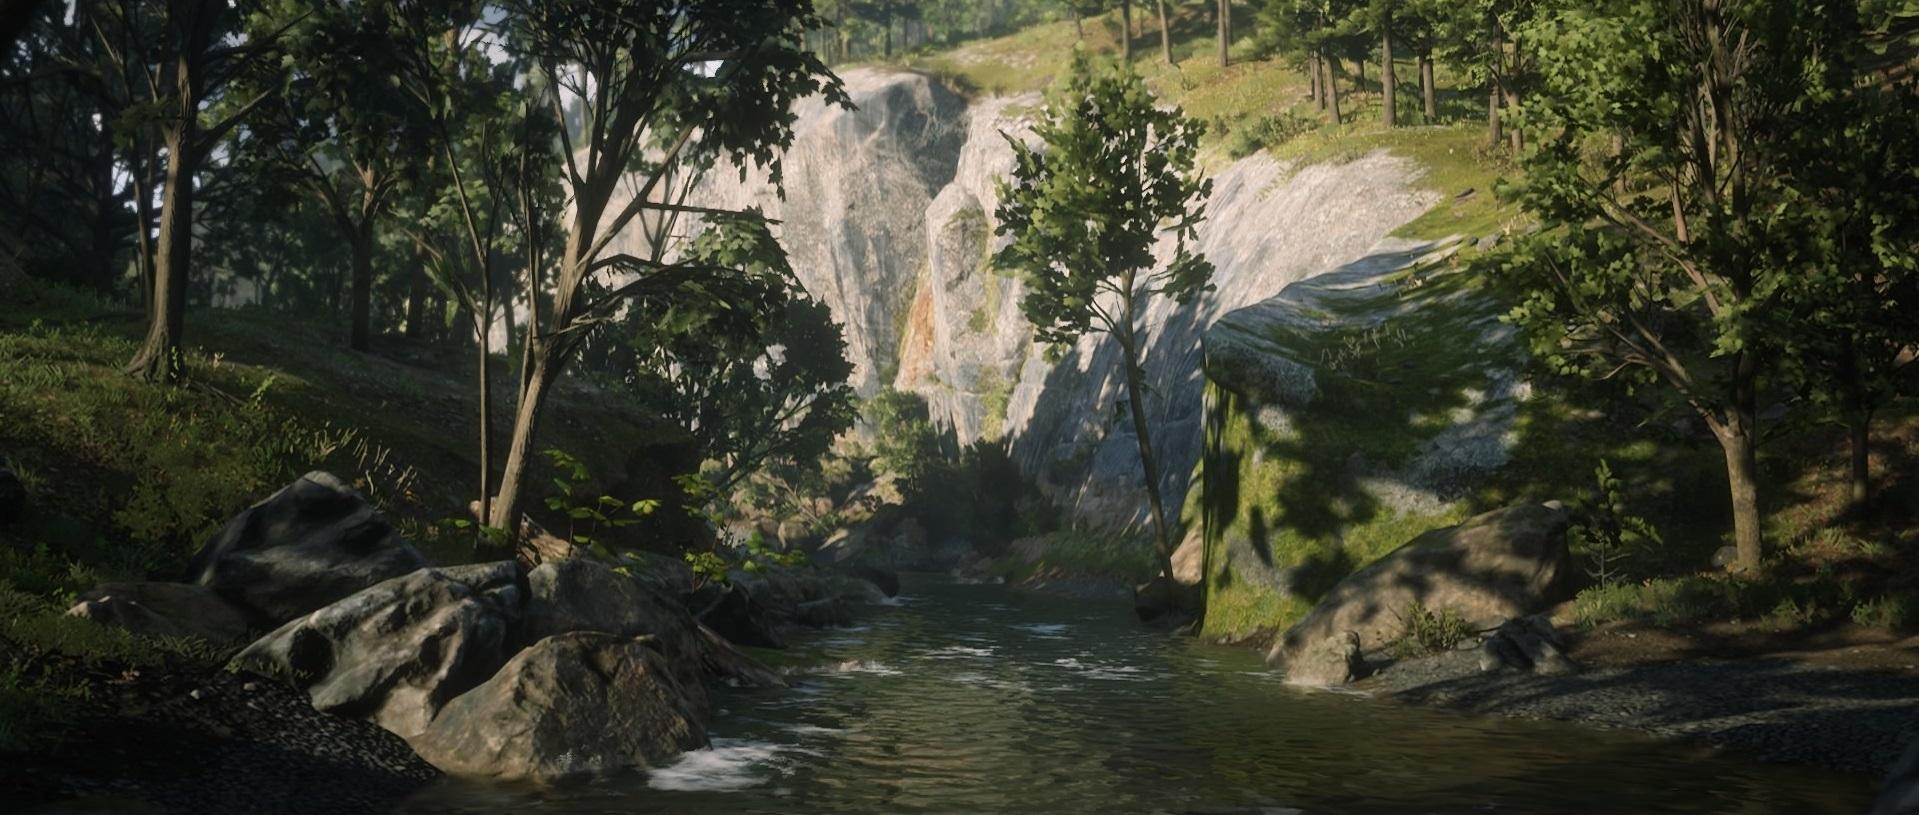 Kamassa River